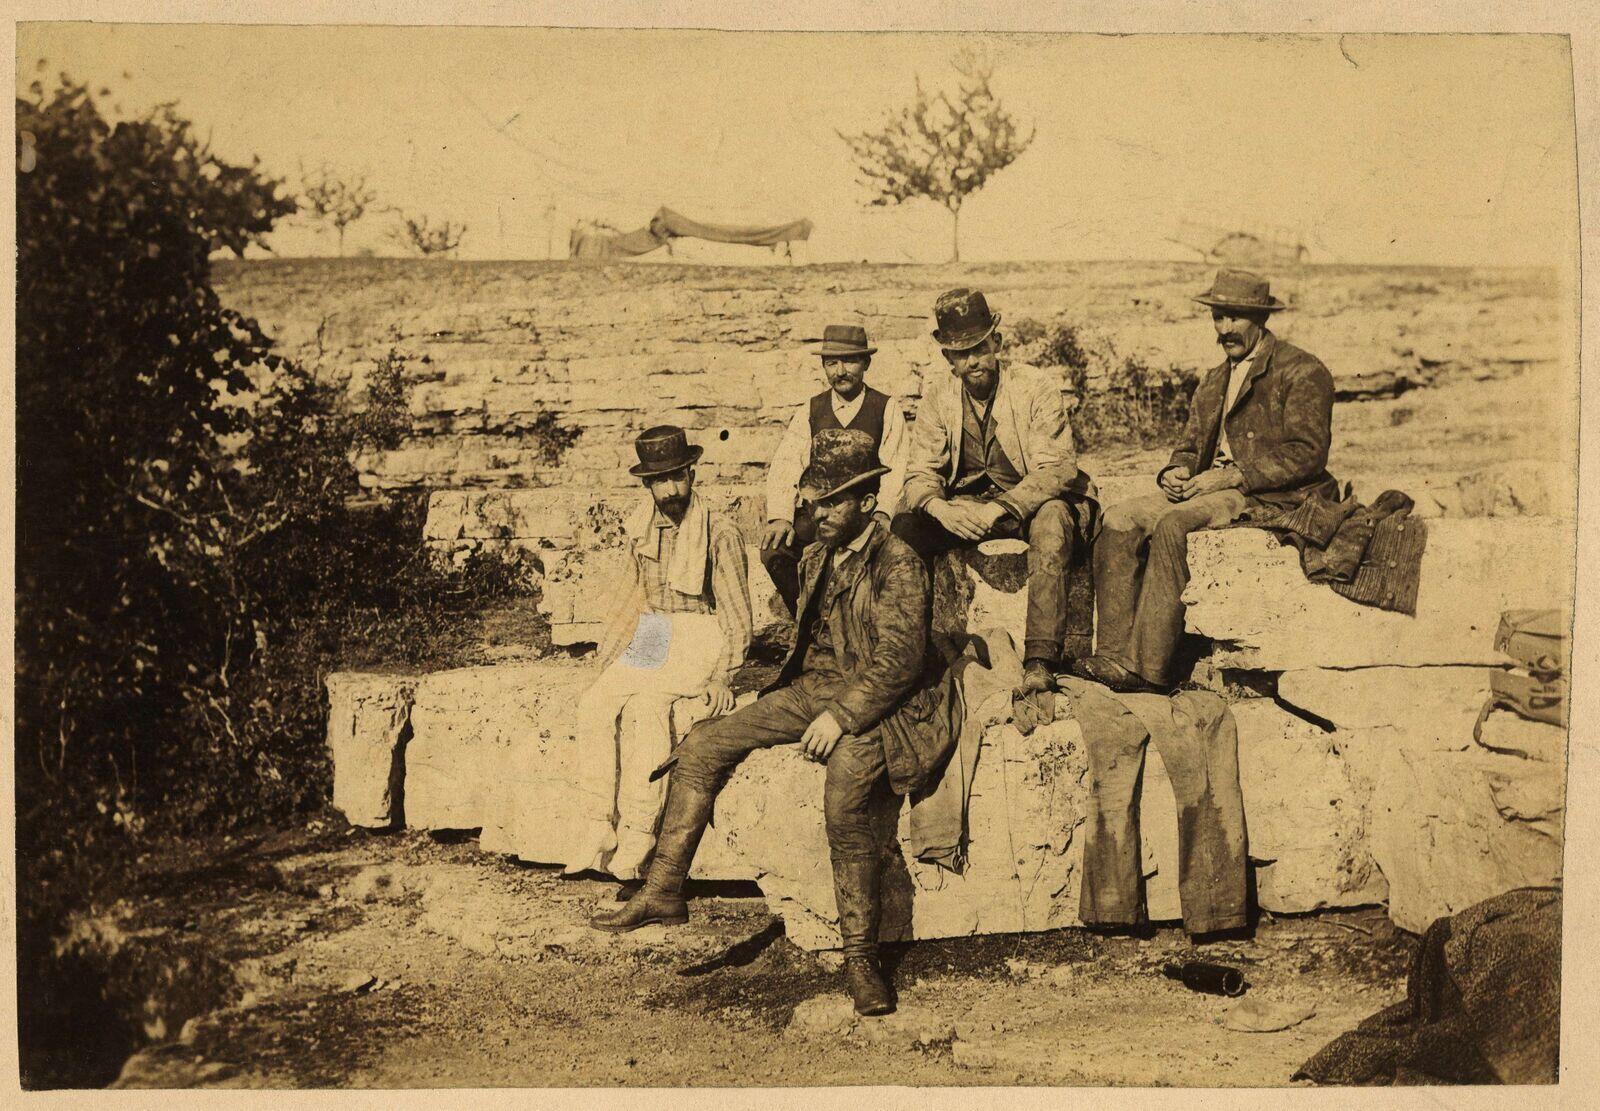 Los descubridores del río subterráneo de Padirac, en 1889, fotografiados de izquierda a derecha: Gabriel Gaupillat, Edouard - Alfred Martel, Louis  Armand, Louis de Launay, Emile Foulquier.